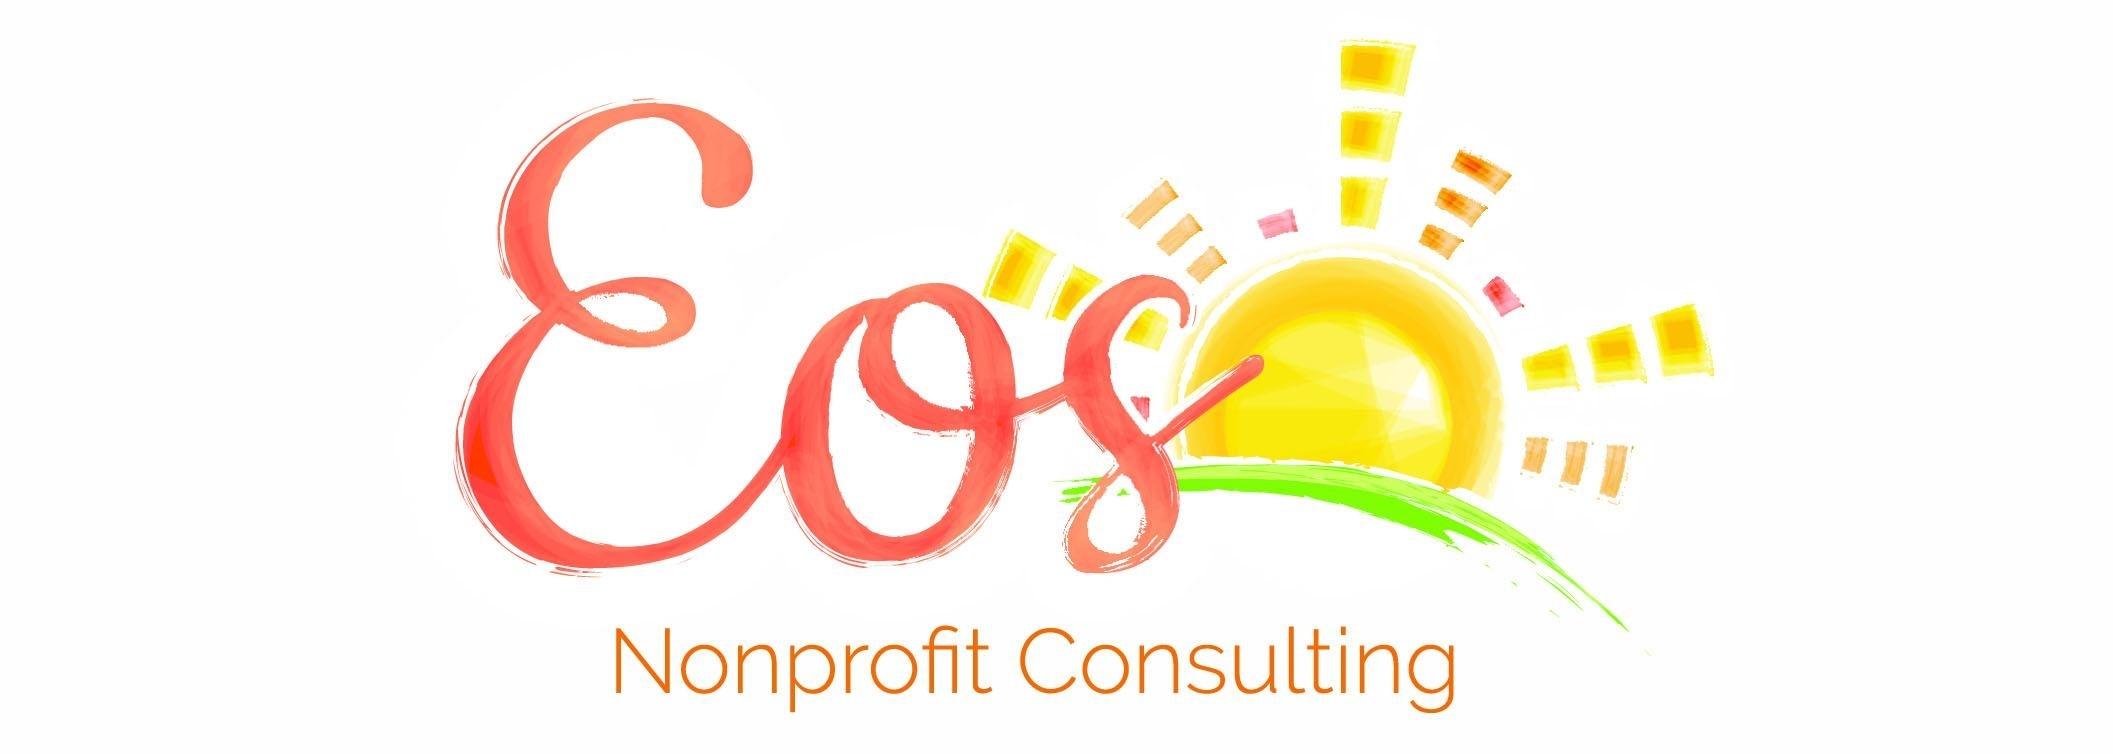 Horiz Eos Logo.jpg